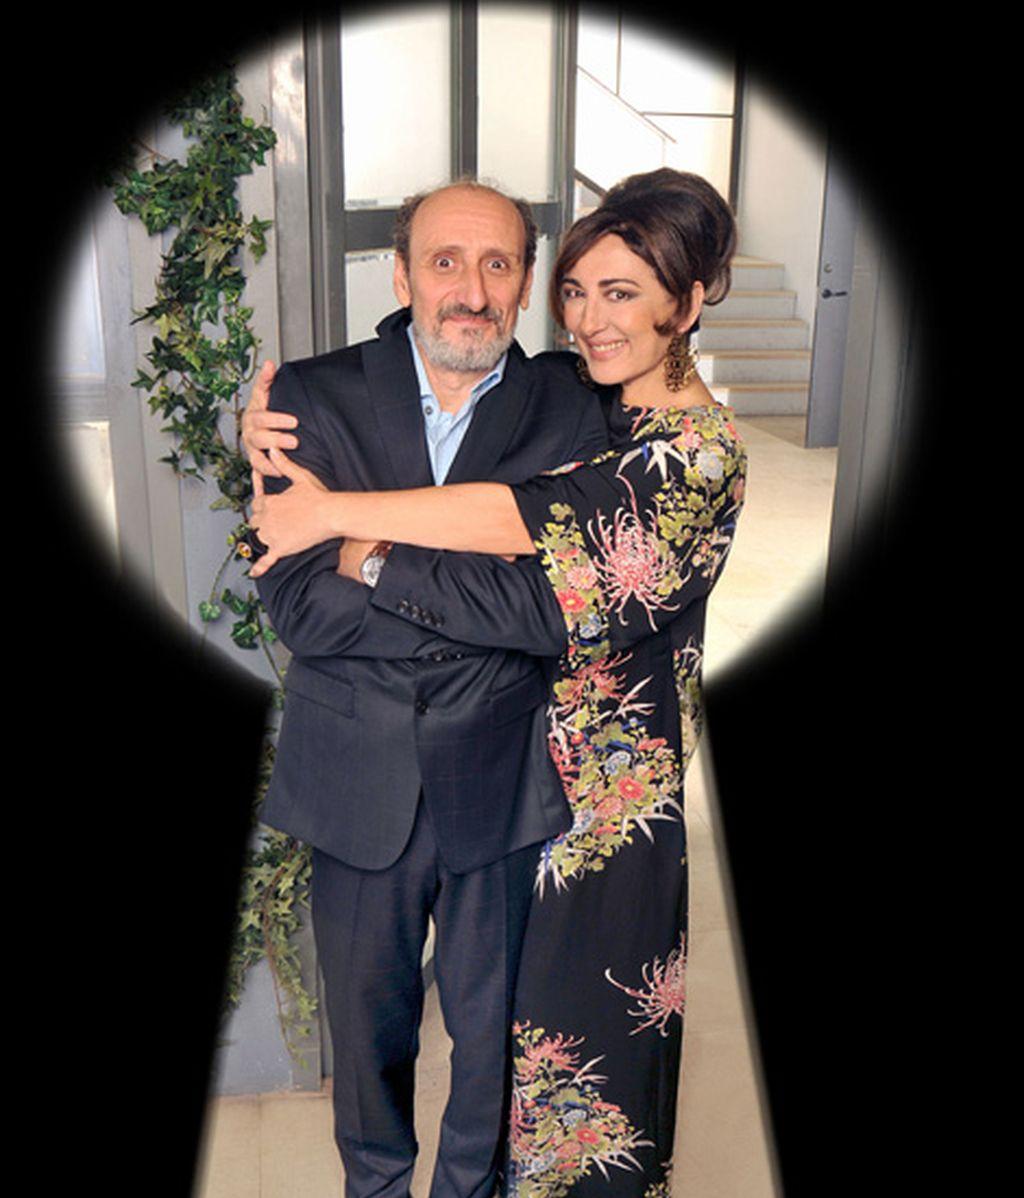 José Luis Gil e Isabel Ordaz son Enrique Pastor y Araceli Madariaga